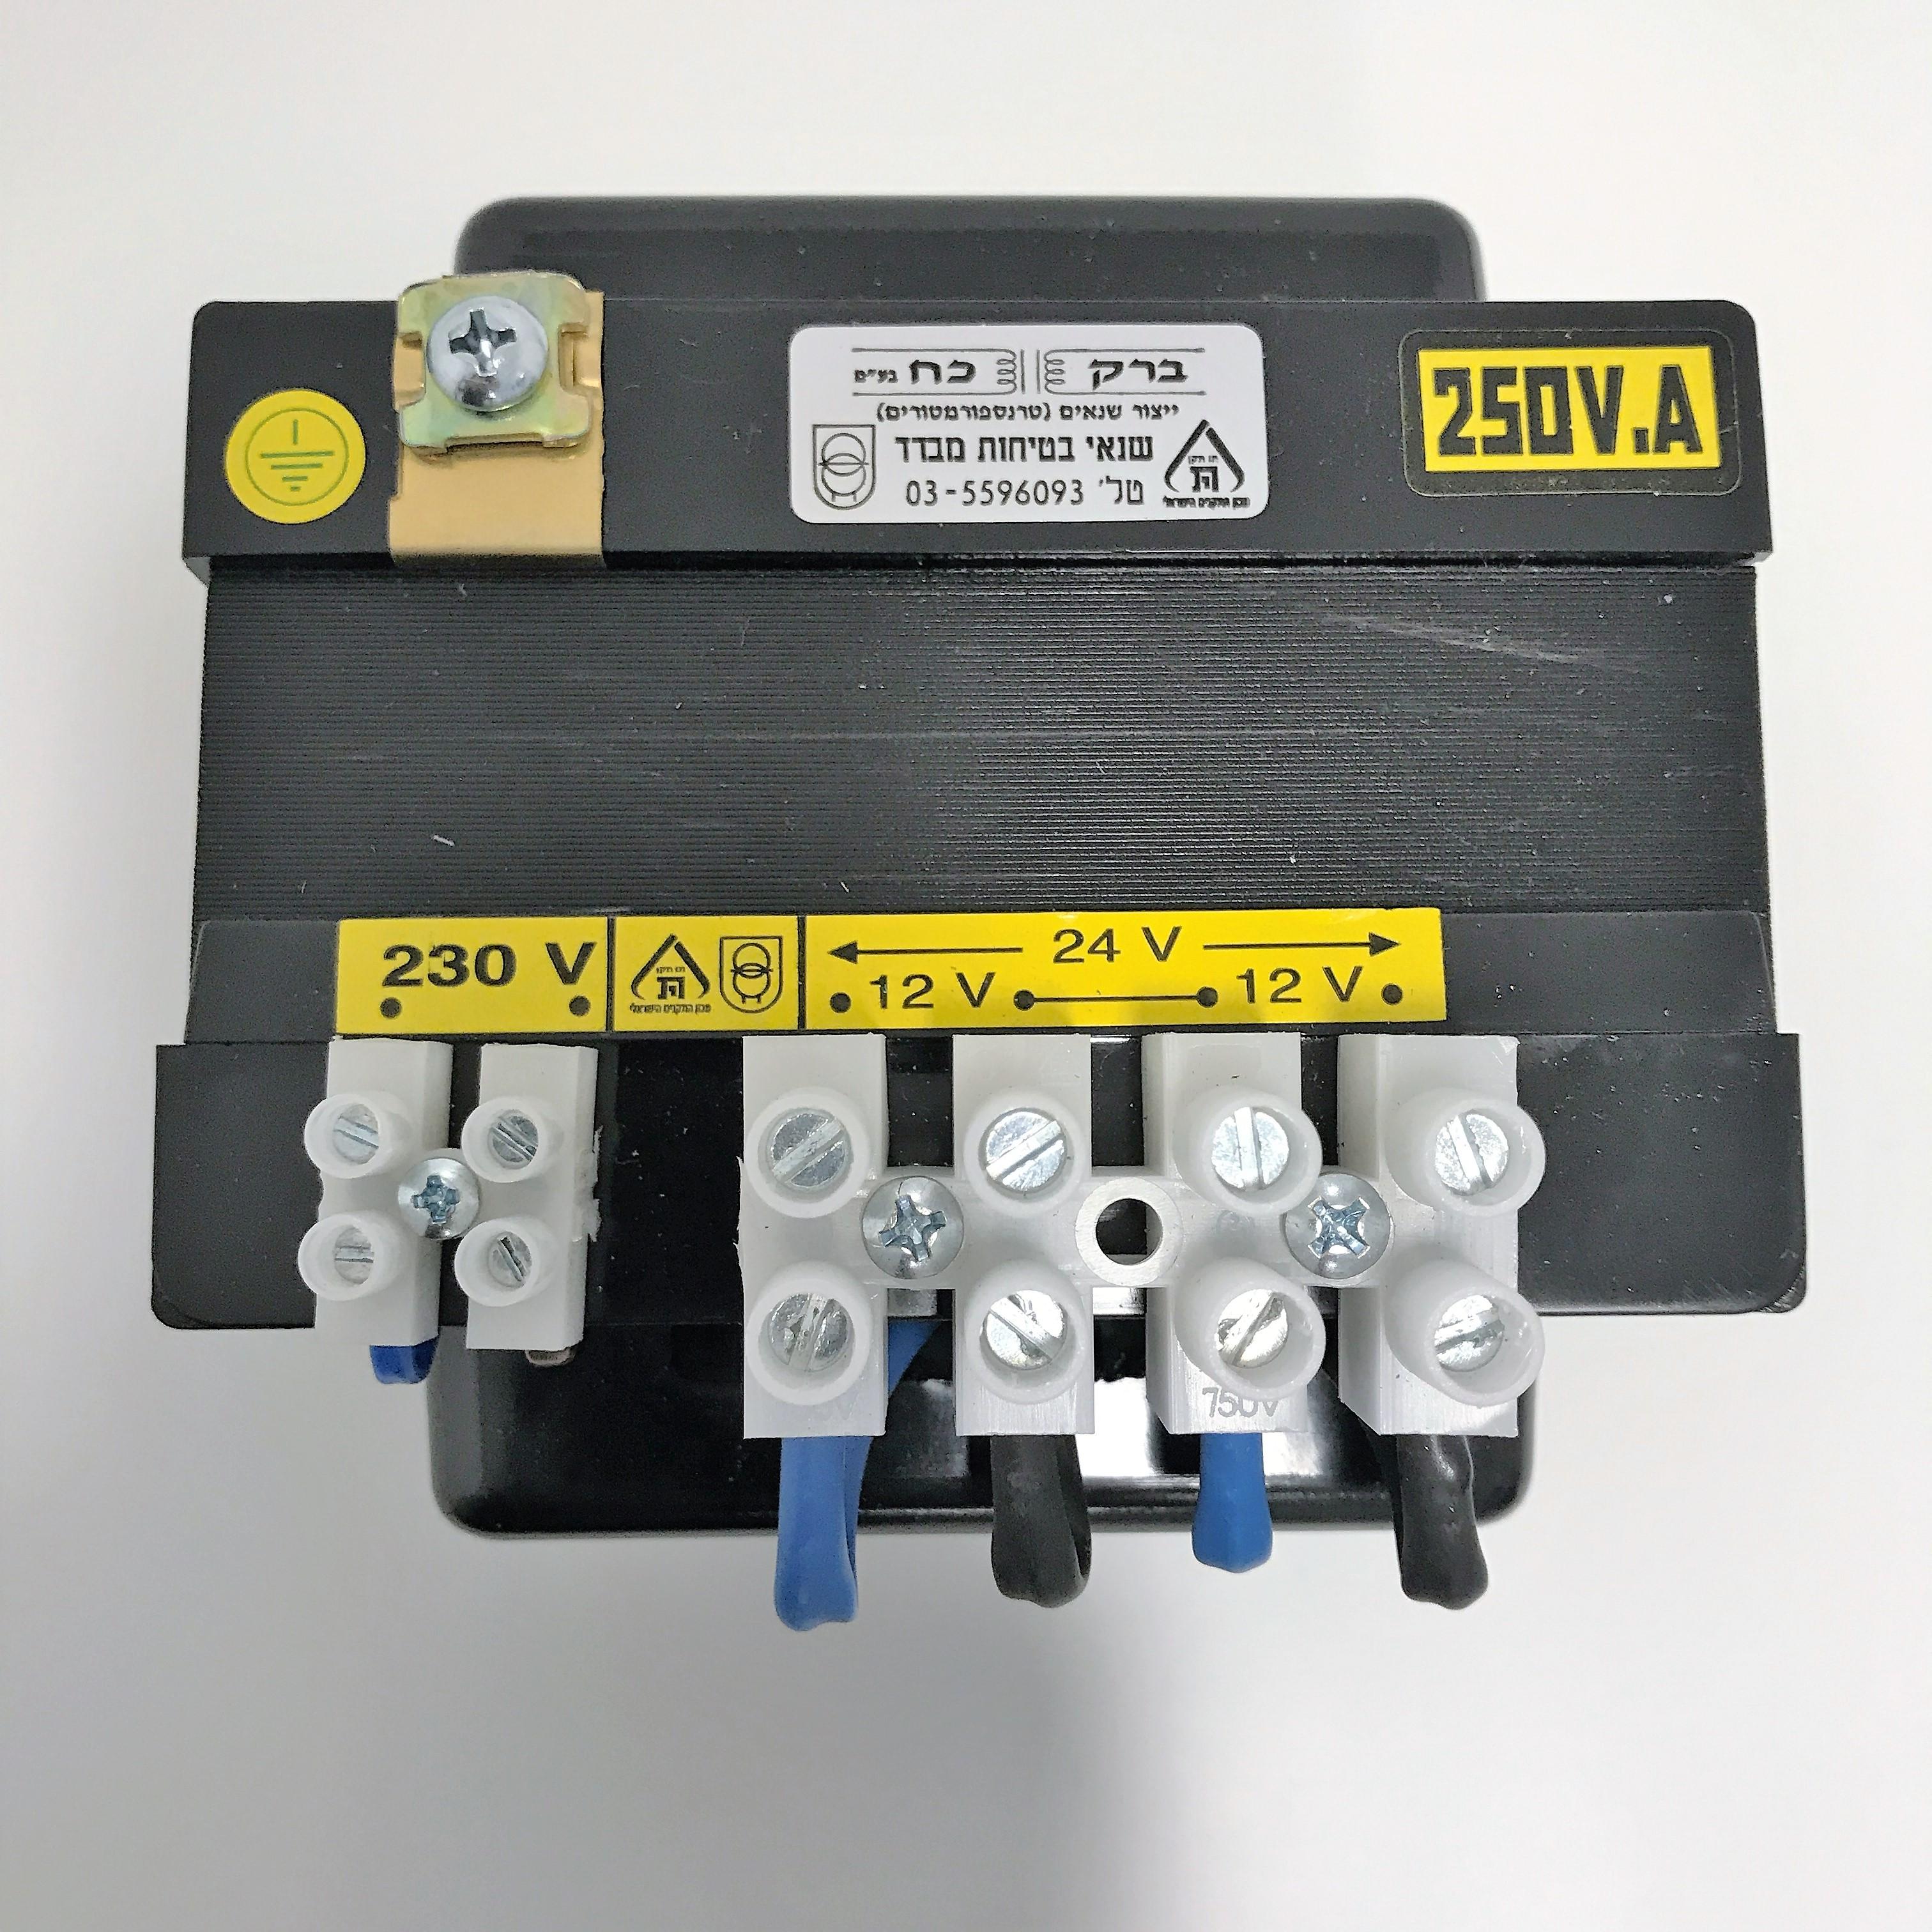 שנאי מבדל בהספק 250VA במתחים 230V-12V+12V